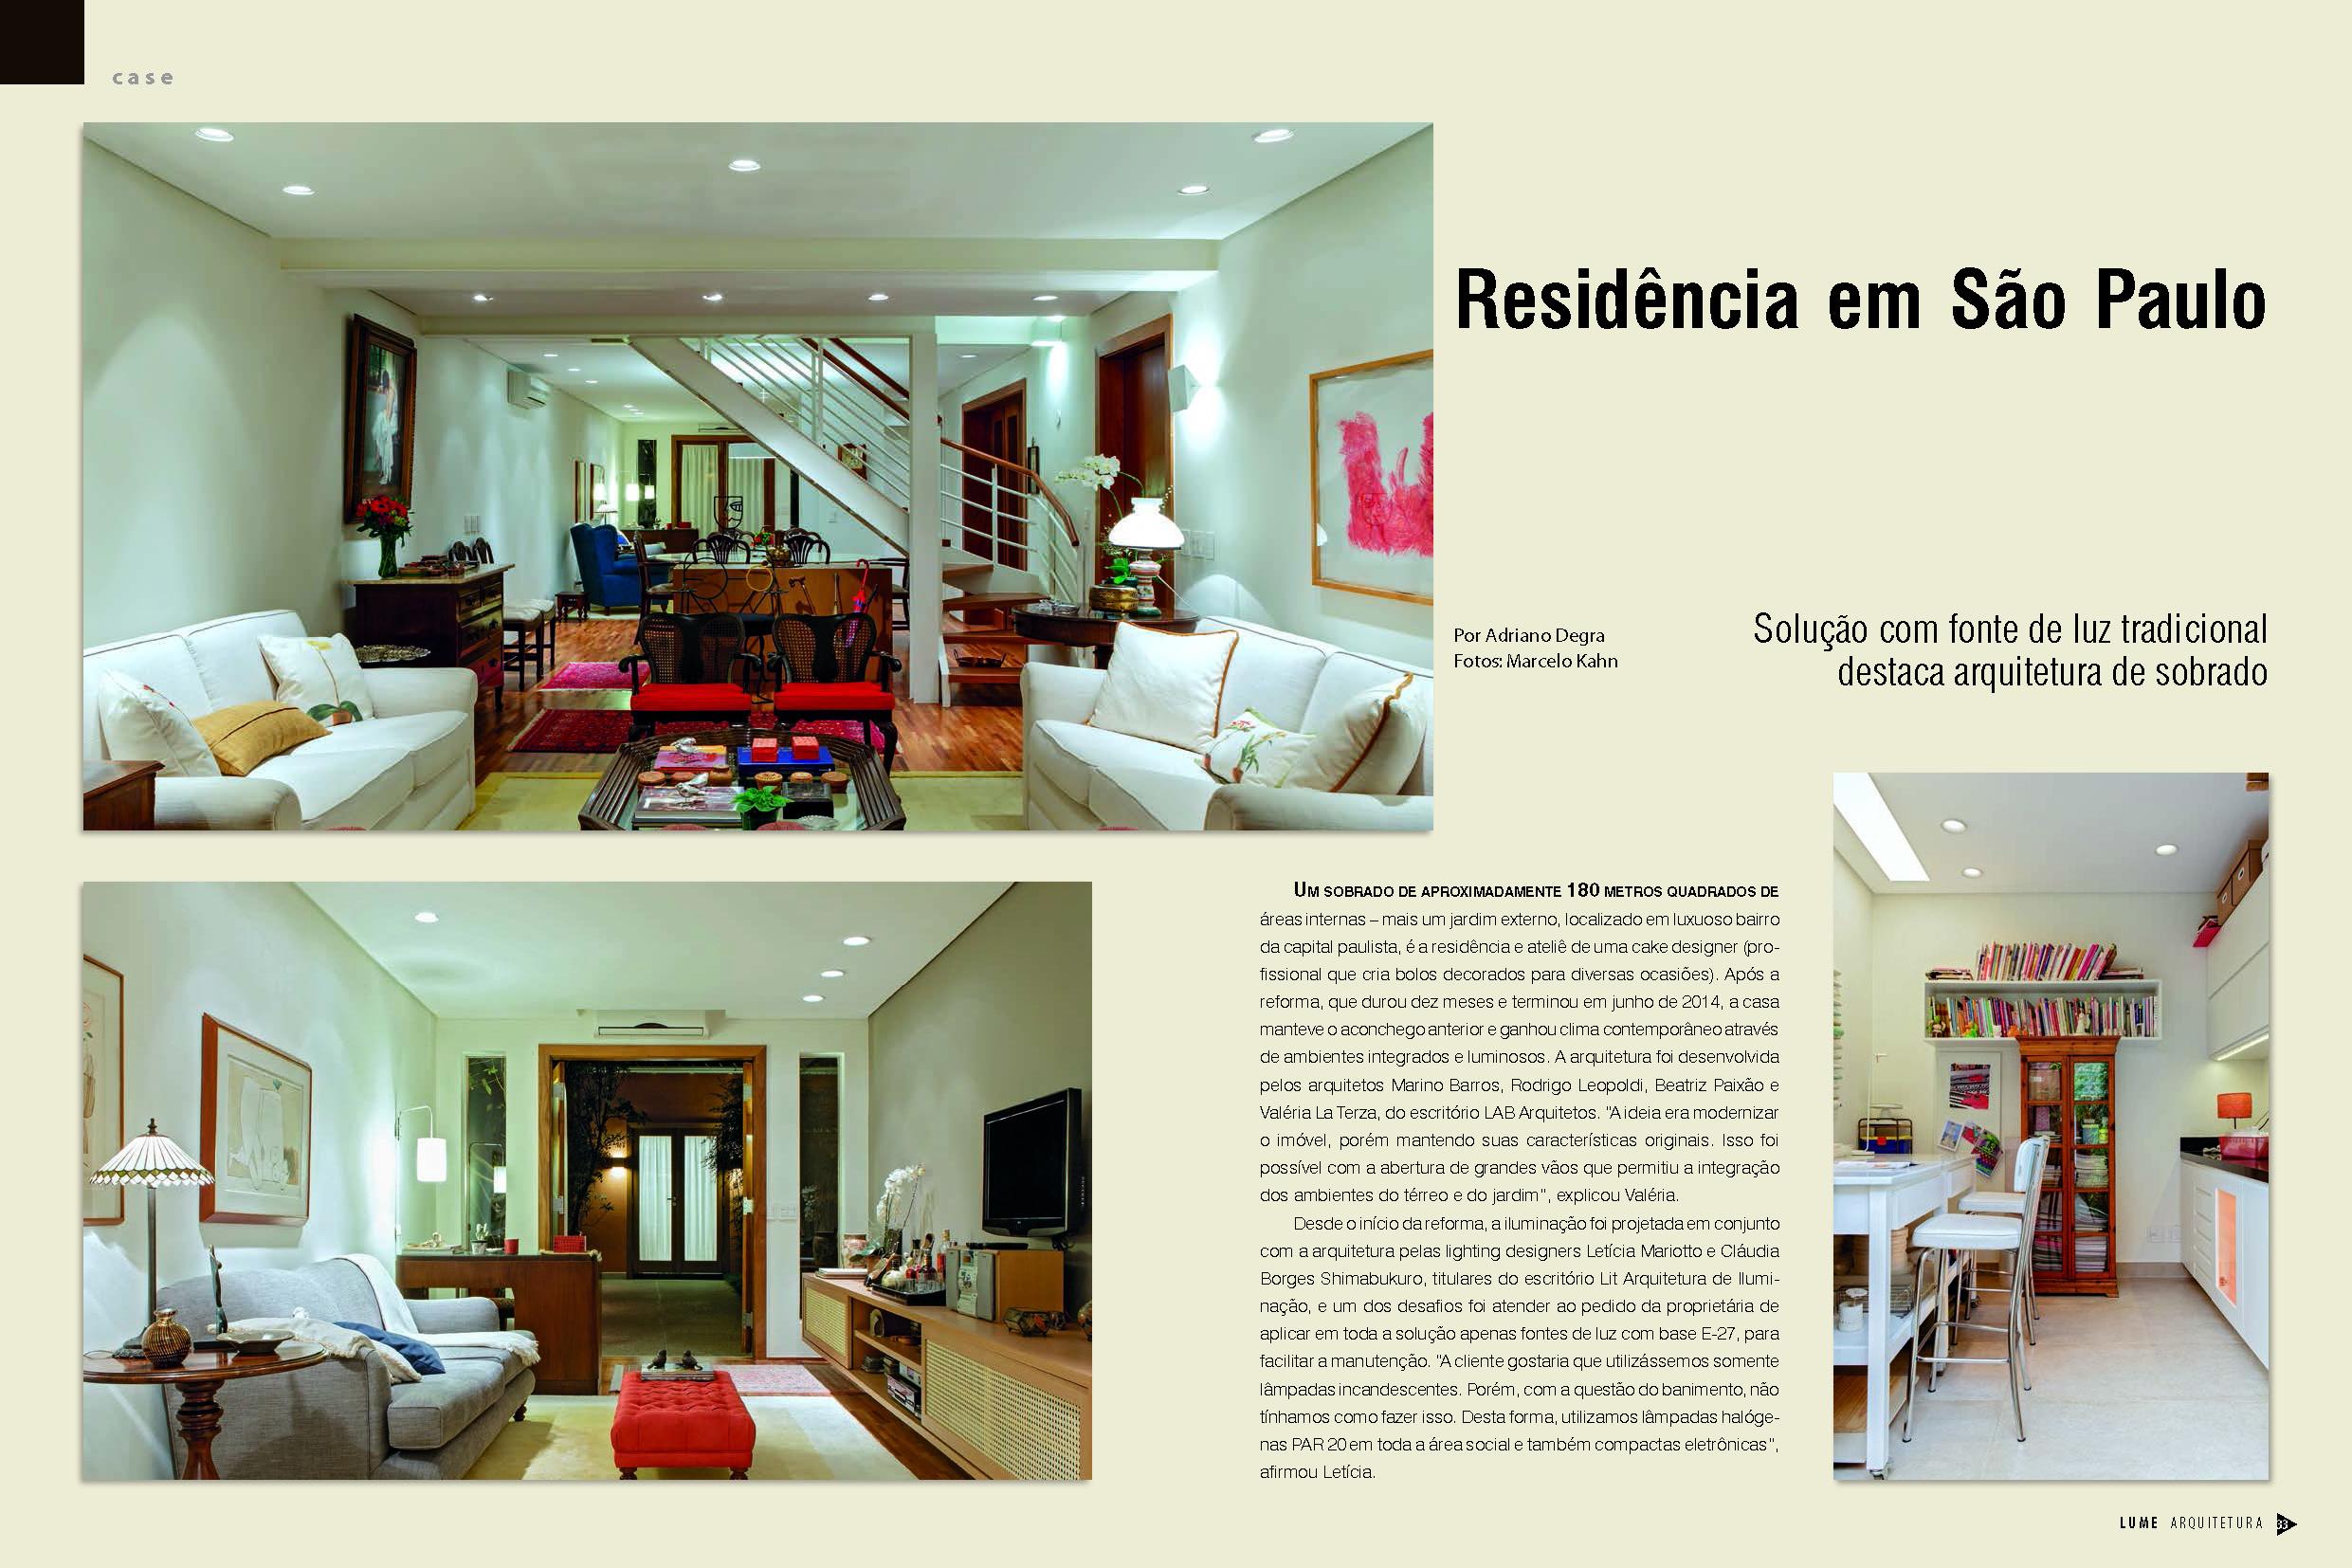 arquitetura-labarquitetos-residencial-publicação-lume-01